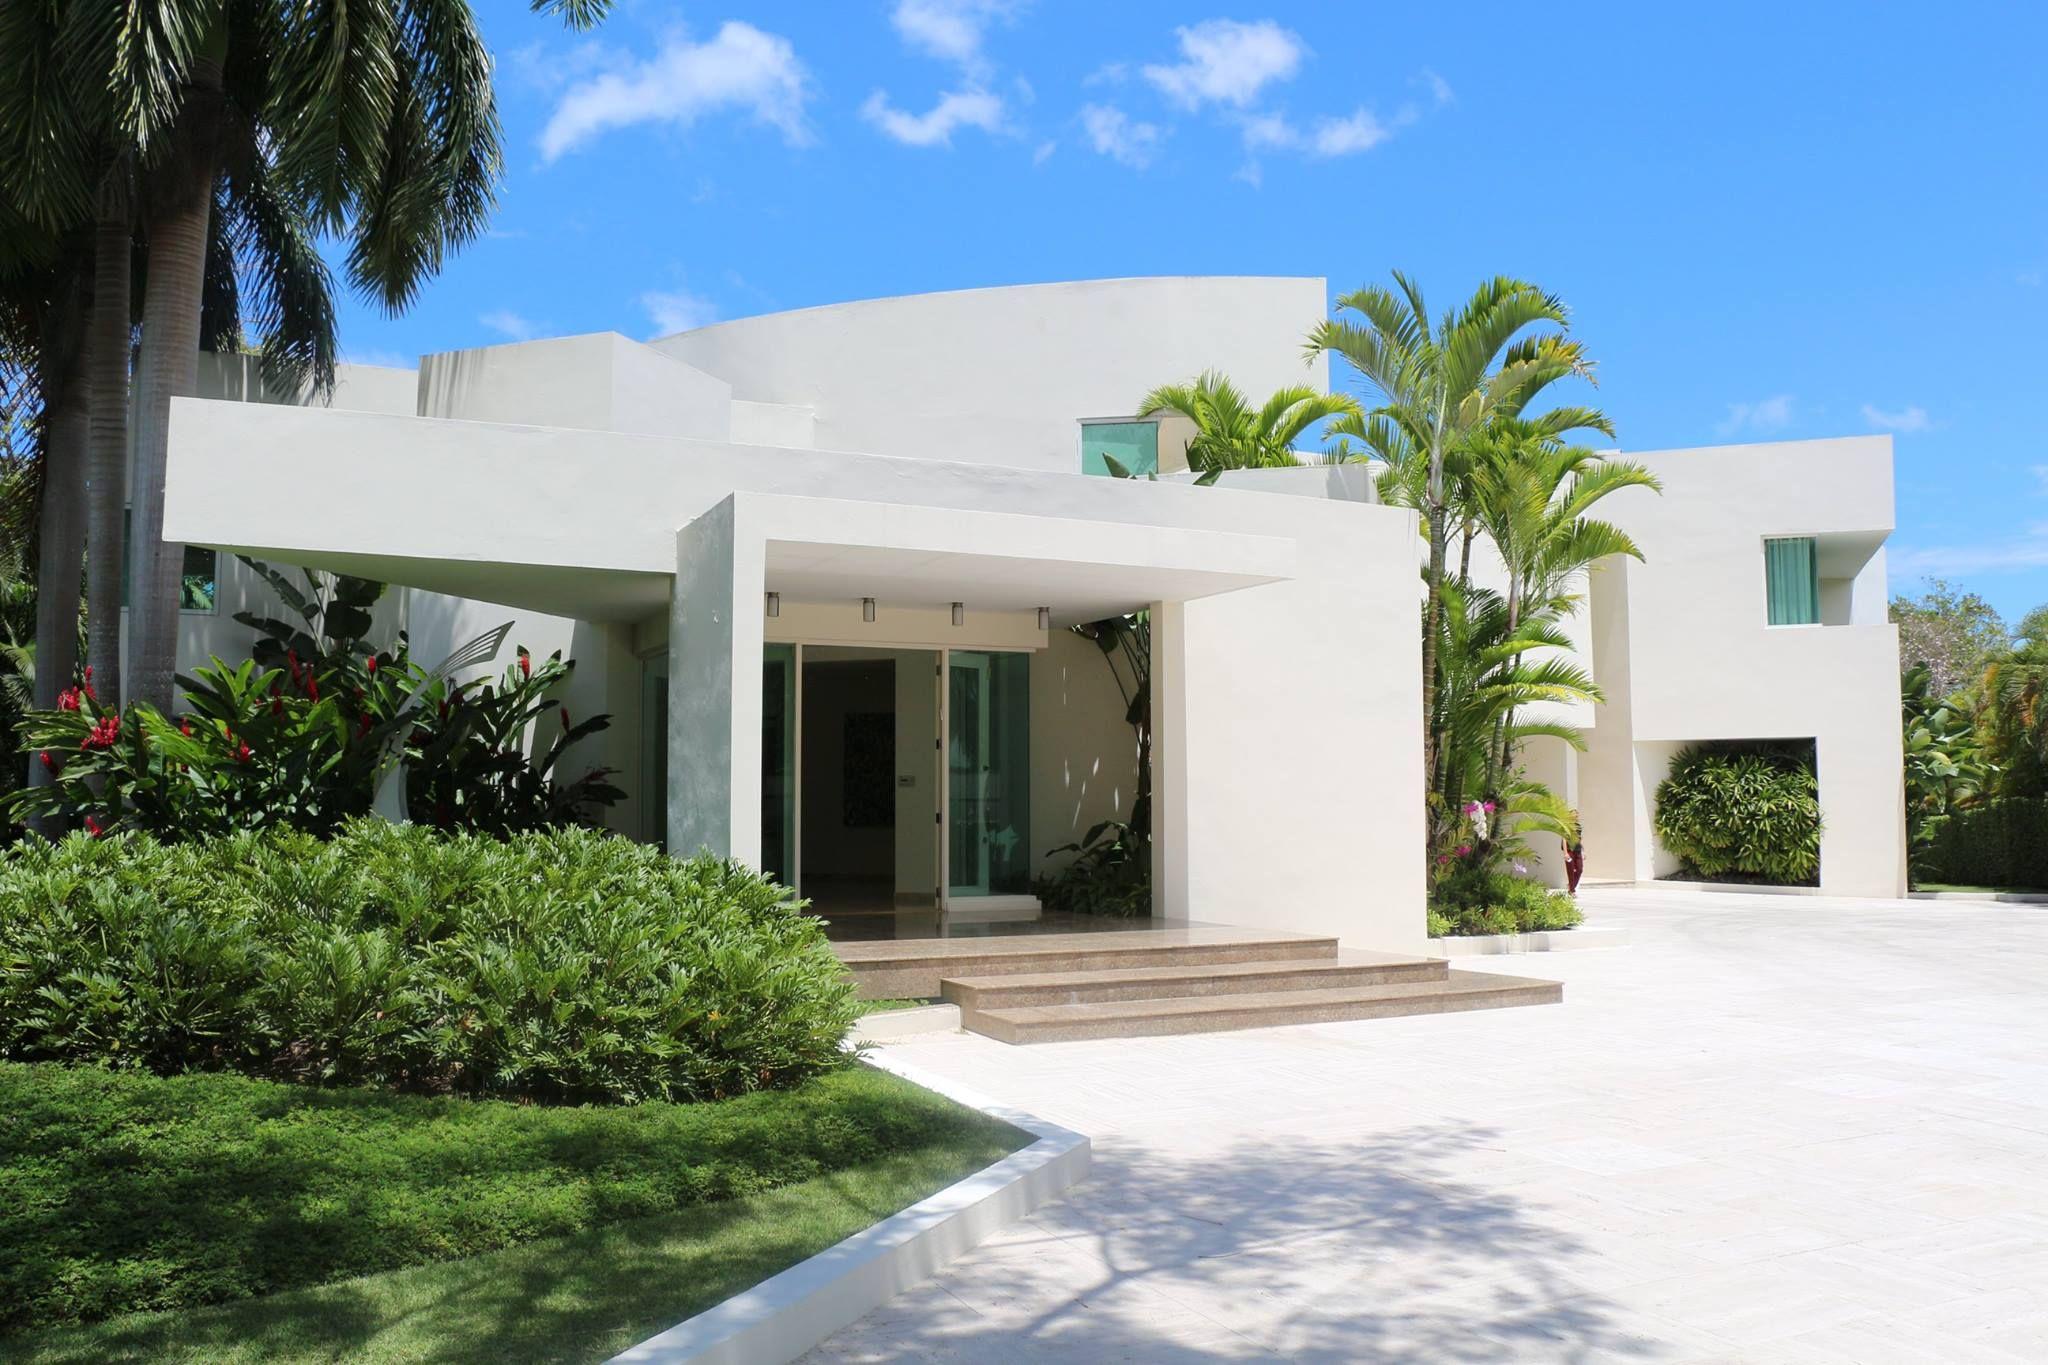 Extraordinary Mansion Luxury Real Estate In San Patricio Puerto Rico Puertorico Sanjuan Realestate Mansions La Mansions Real Estate